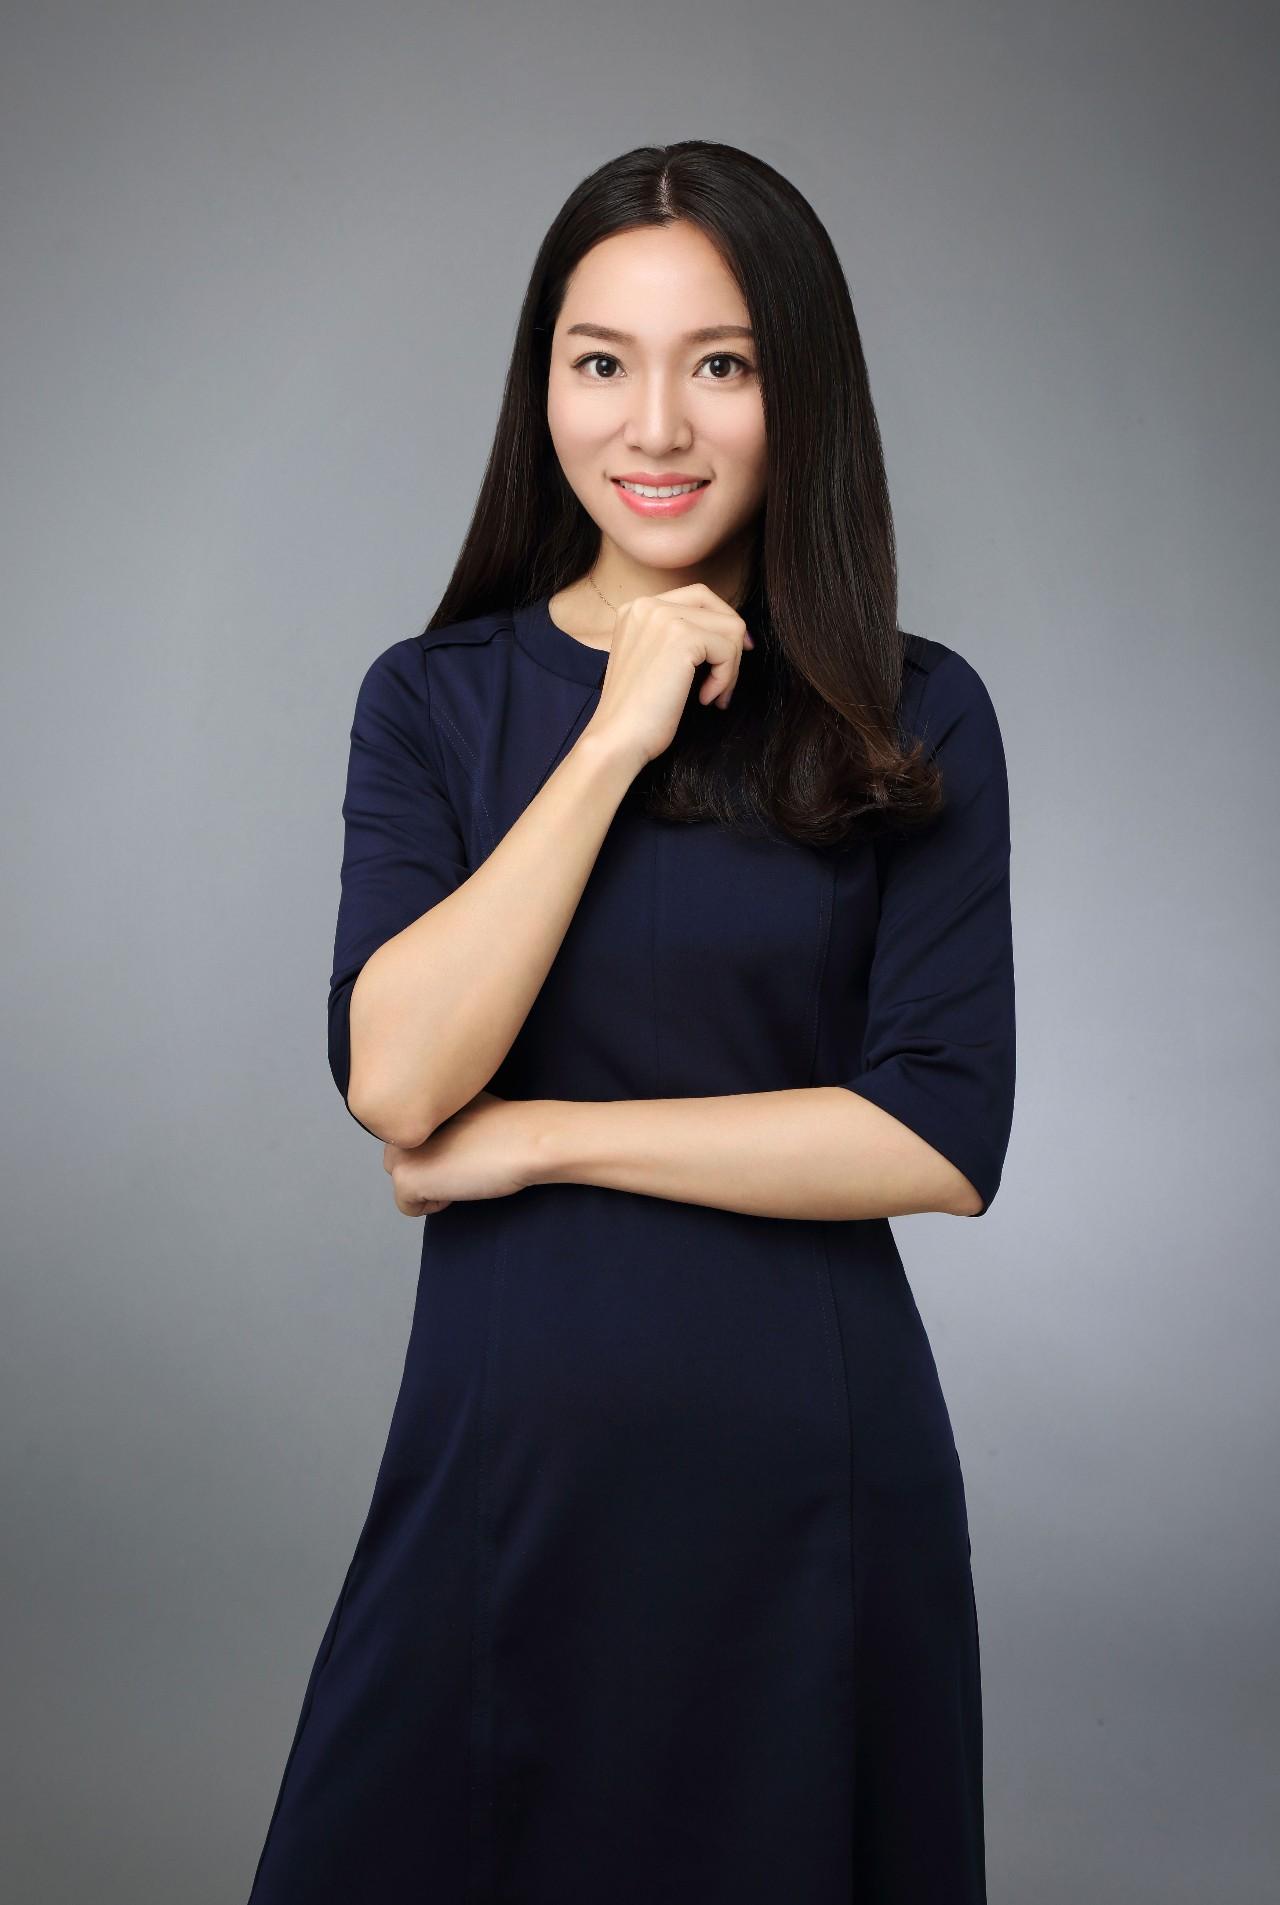 邀请函 | 深圳-11月21日「中国高新企业及初创公司的专利组合的战略及战术」主题研讨会